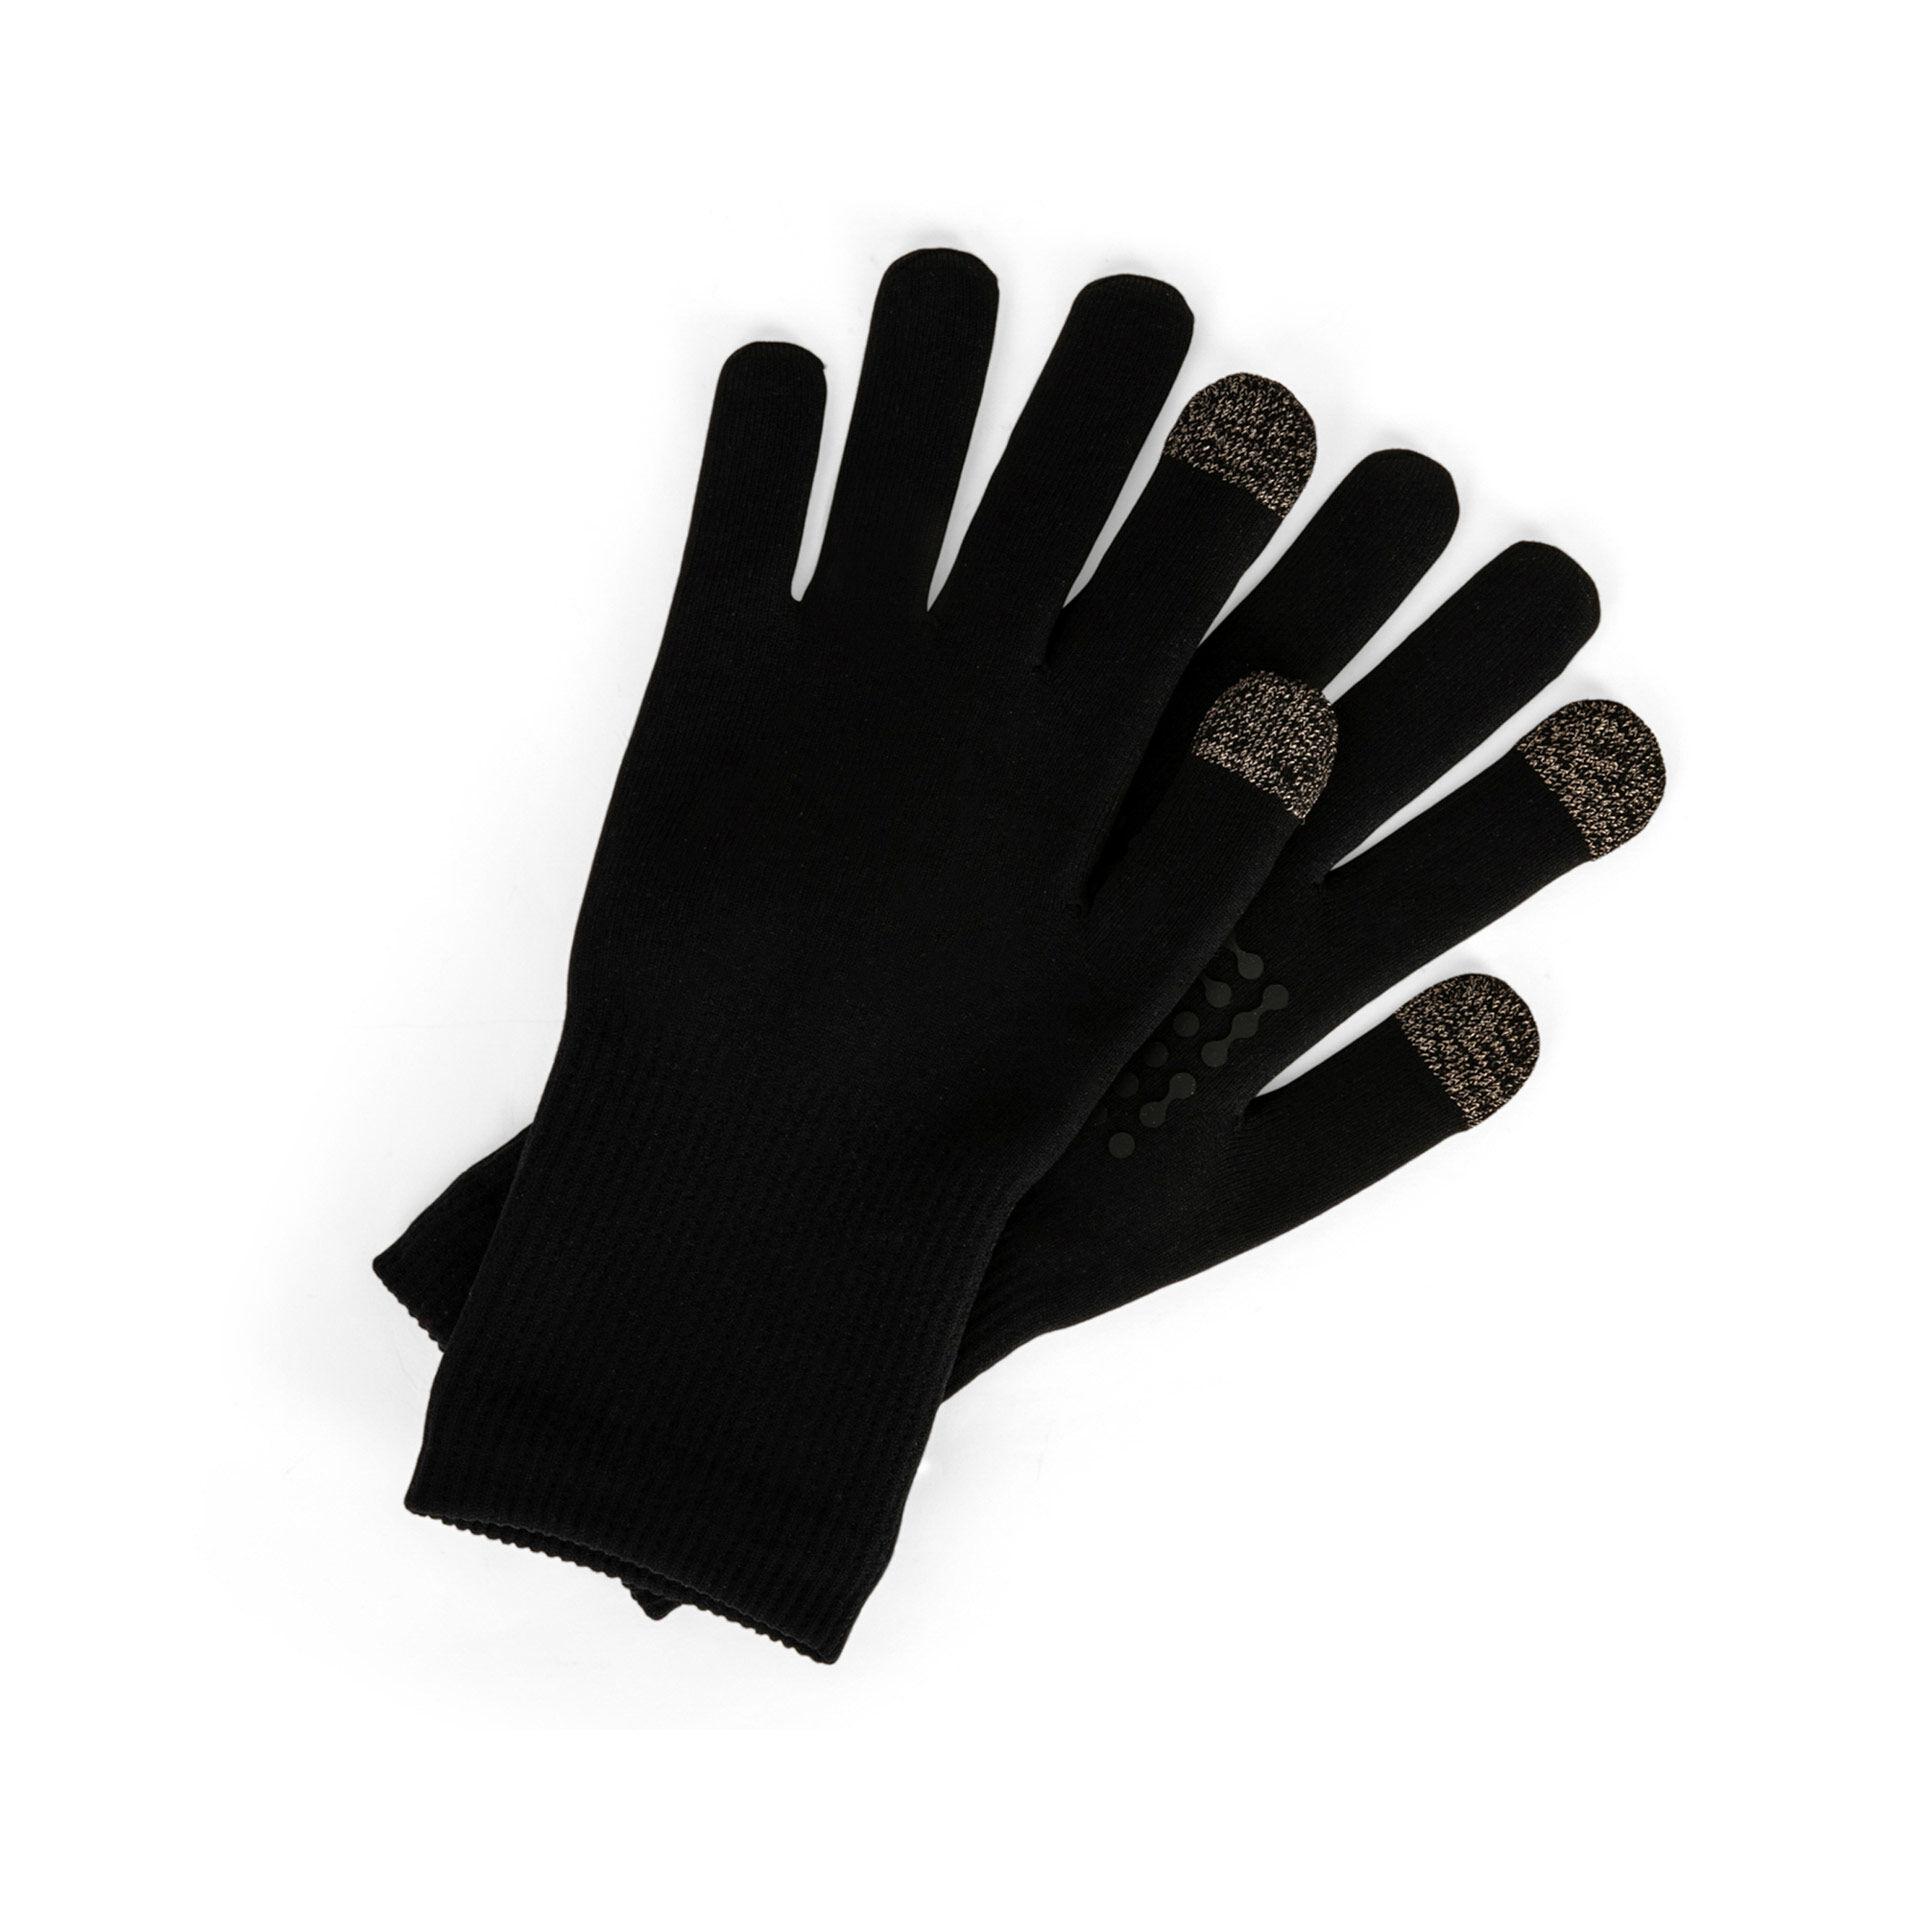 Gants tactiles respirants et imperméables, , large